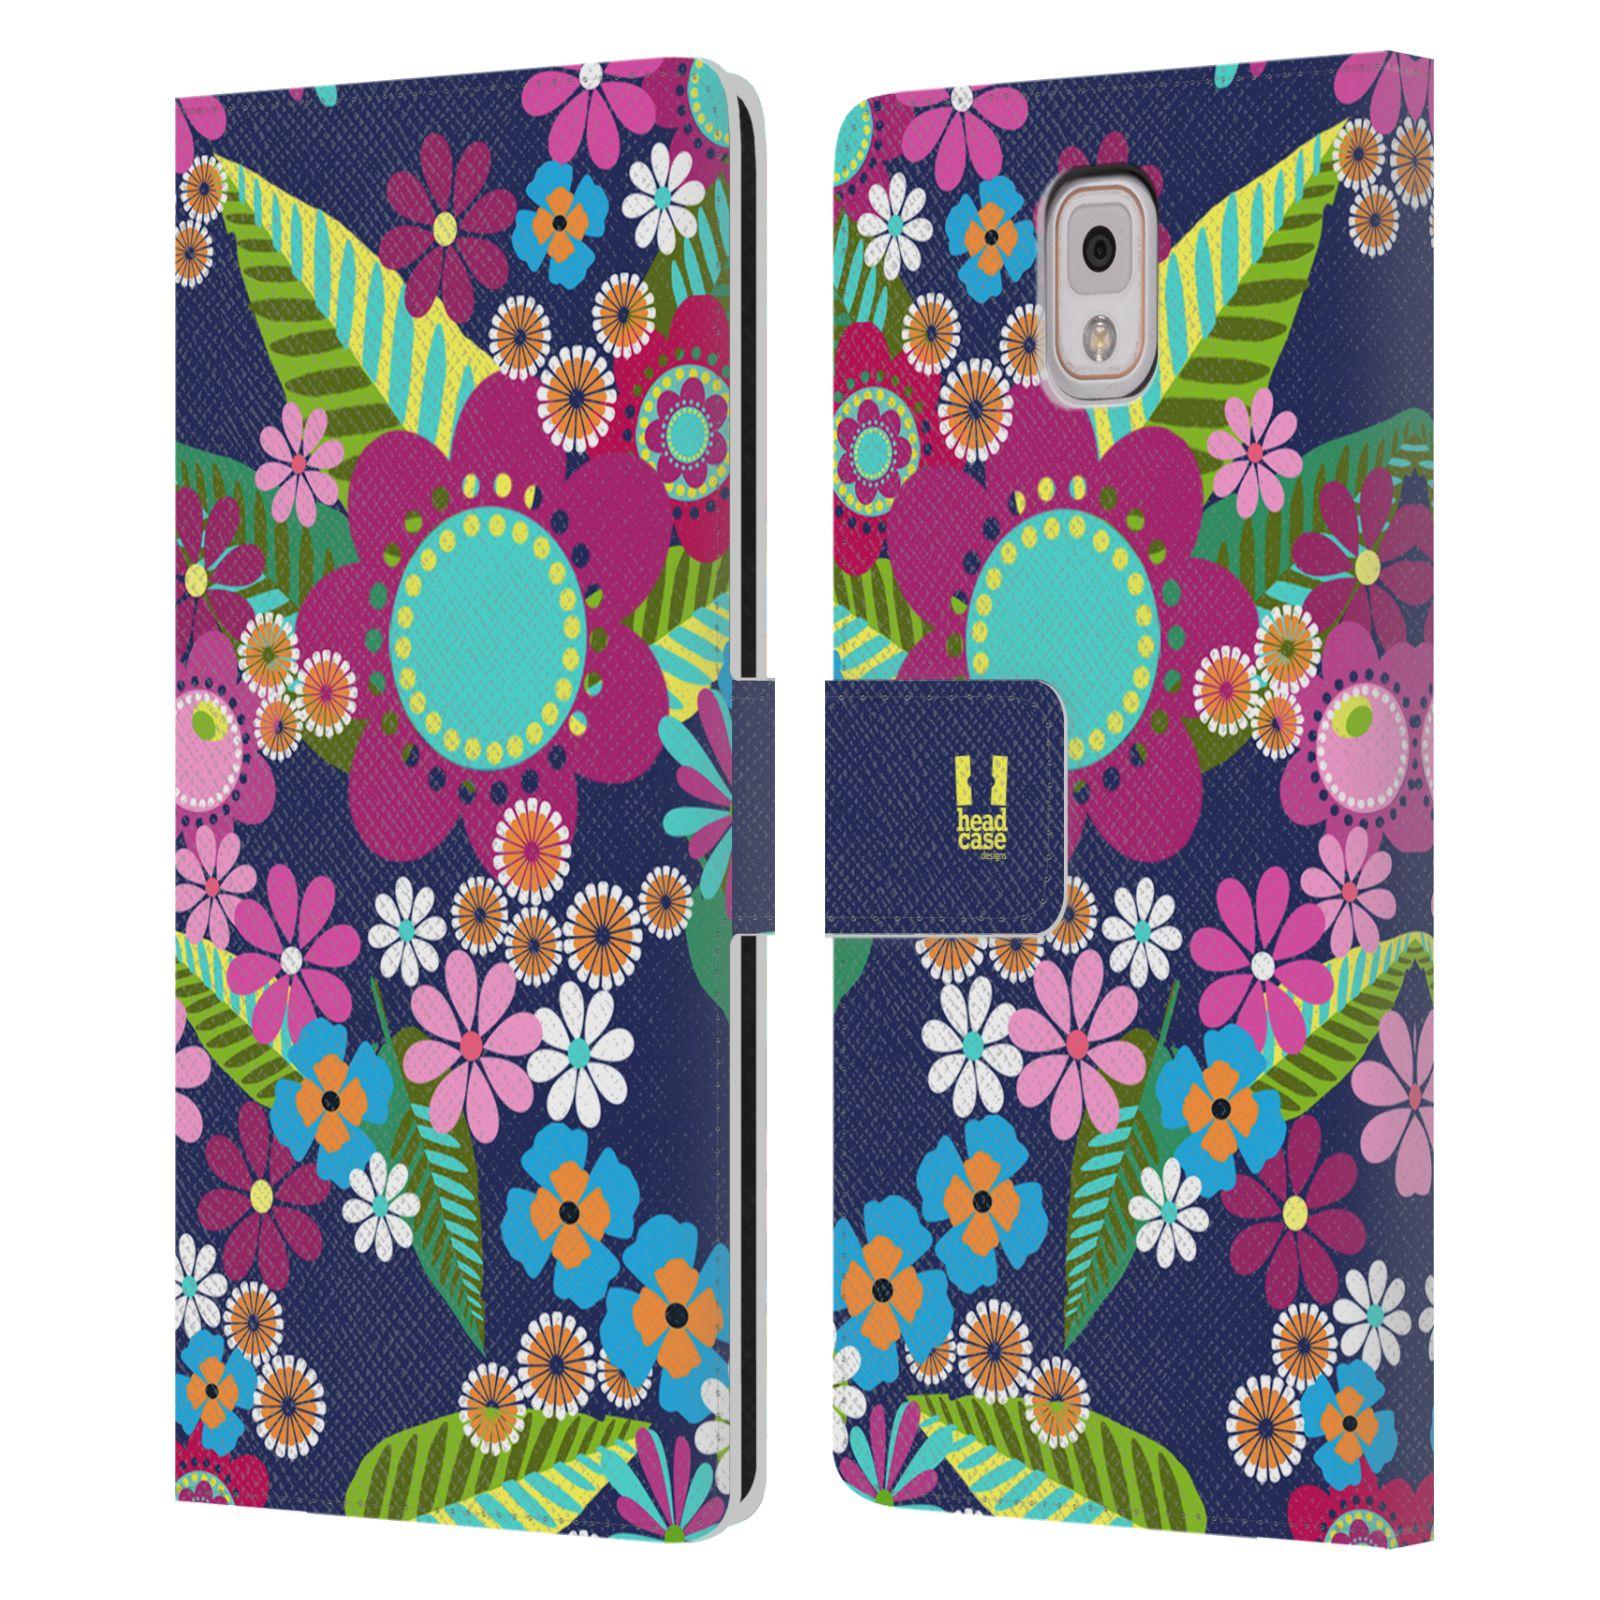 HEAD CASE Flipové pouzdro pro mobil Samsung Galaxy Note 3 N9005 BOTANIKA barevné květy modrá